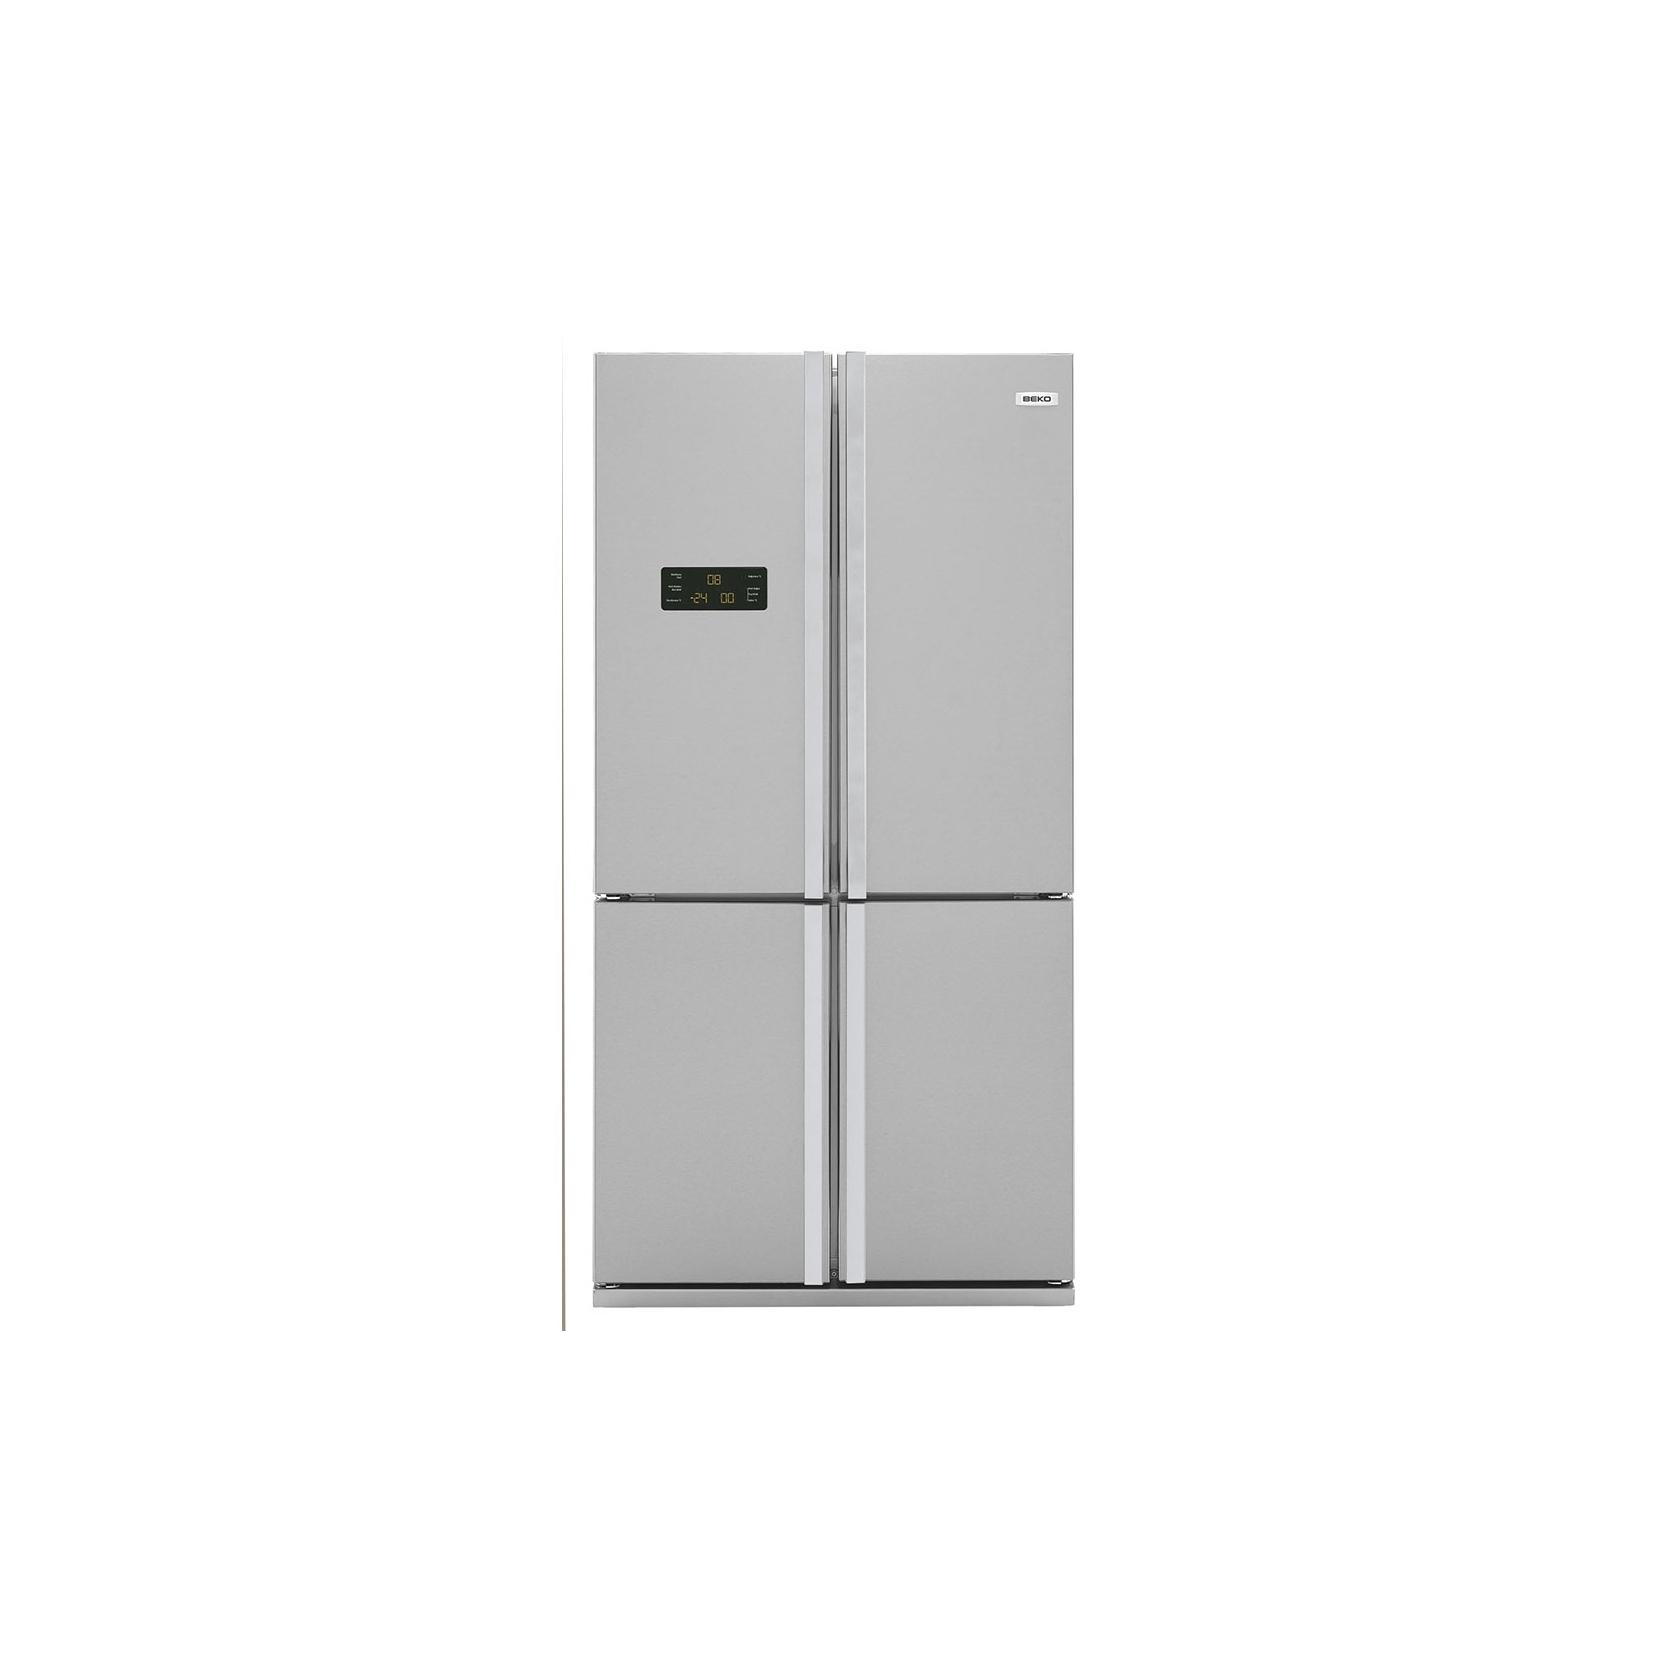 Beko gne114612x frigorifero 4 porte total no frost a for Frigorifero beko no frost